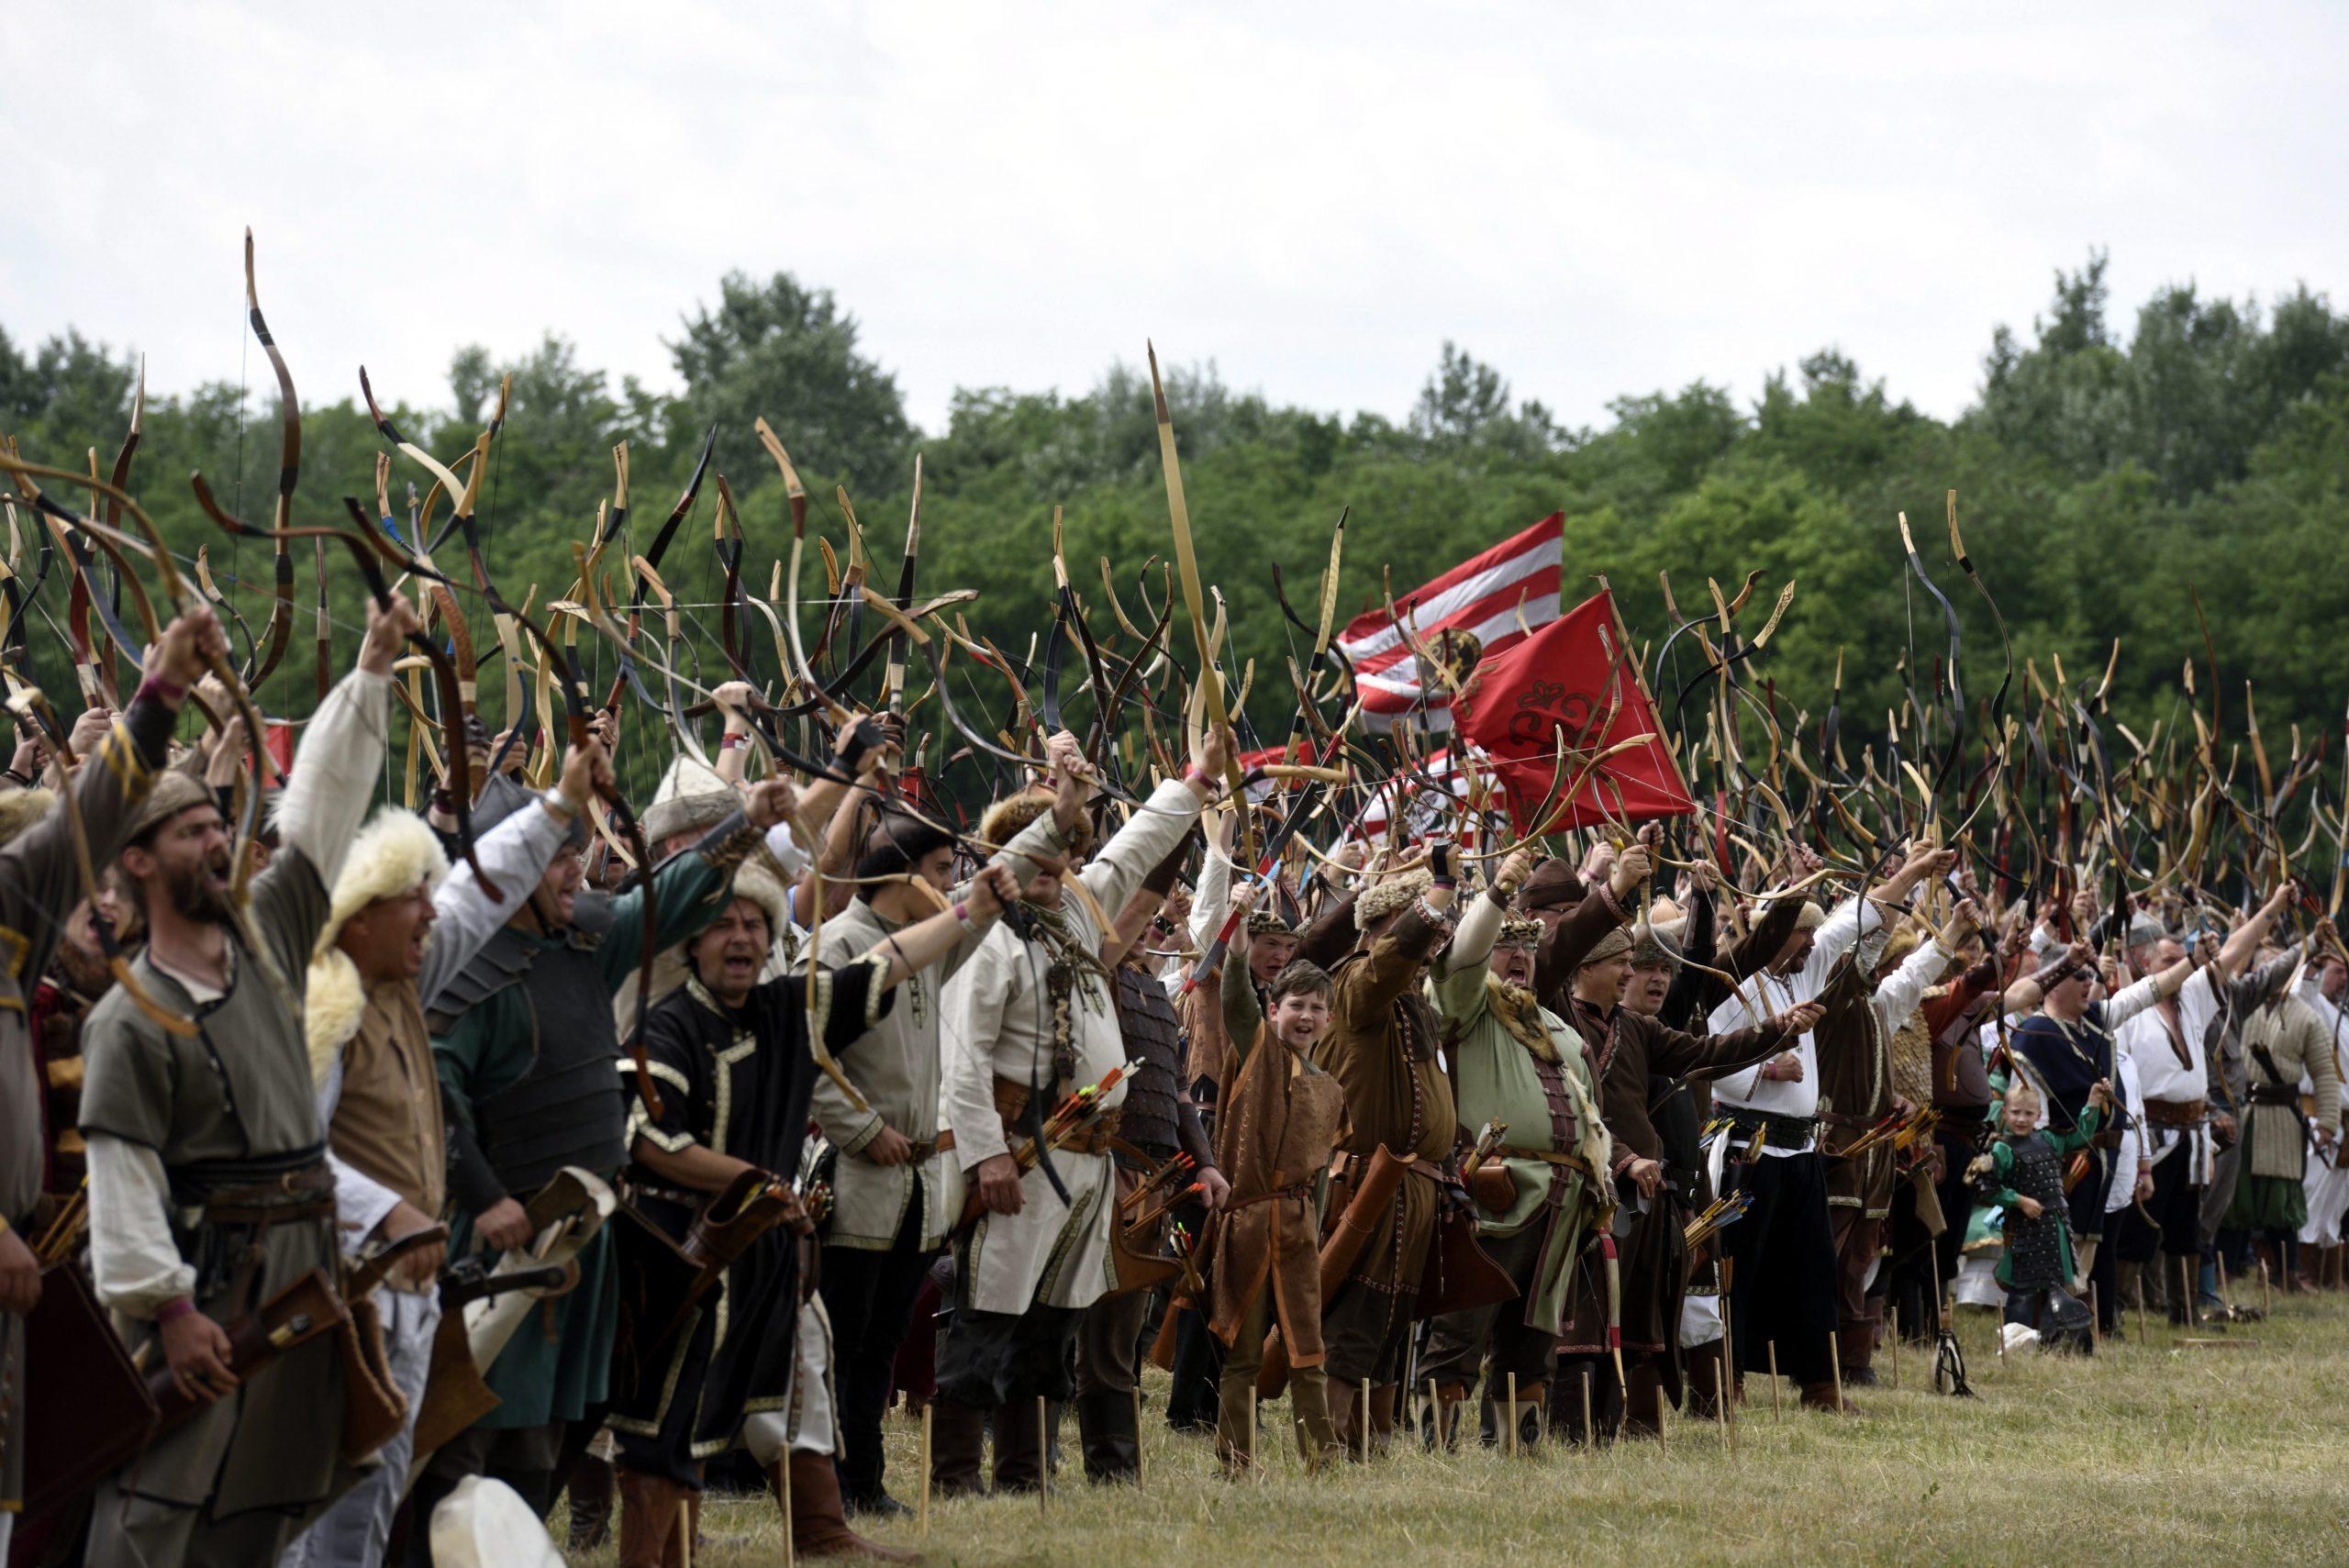 Warum war die Schlacht bei Pressburg vor 1114 Jahren entscheidend für die Ungarn?